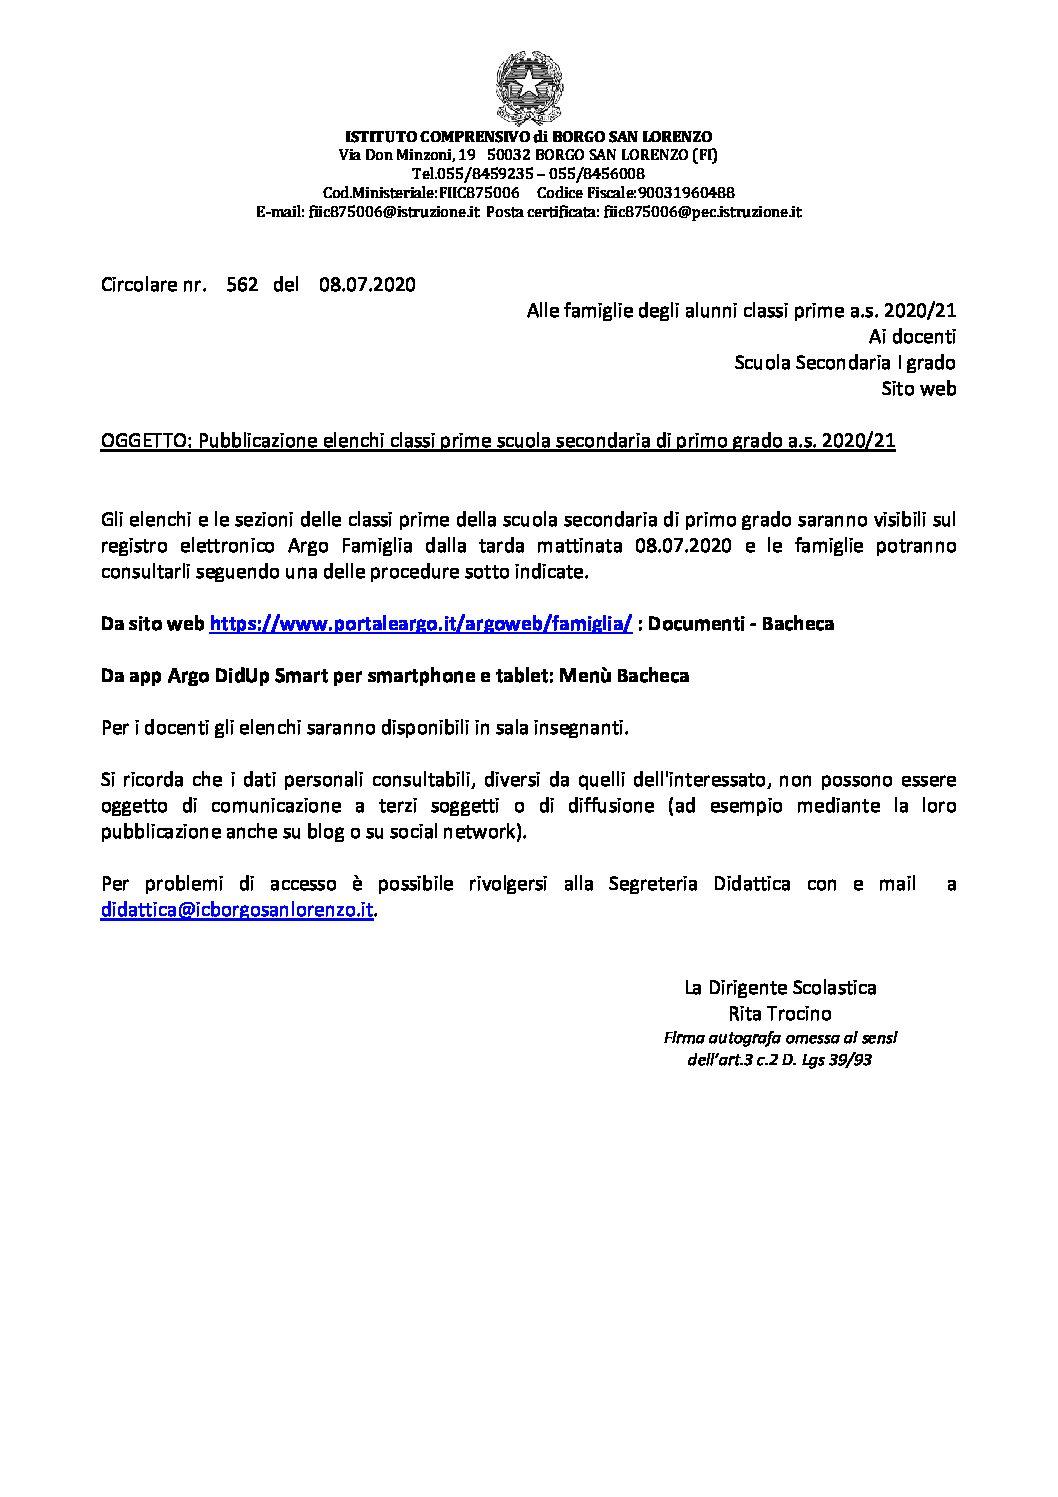 PUBBLICAZIONE ELENCHI CLASSI PRIME SCUOLA SECONDARIA DI PRIMO GRADO A.S. 2020/21